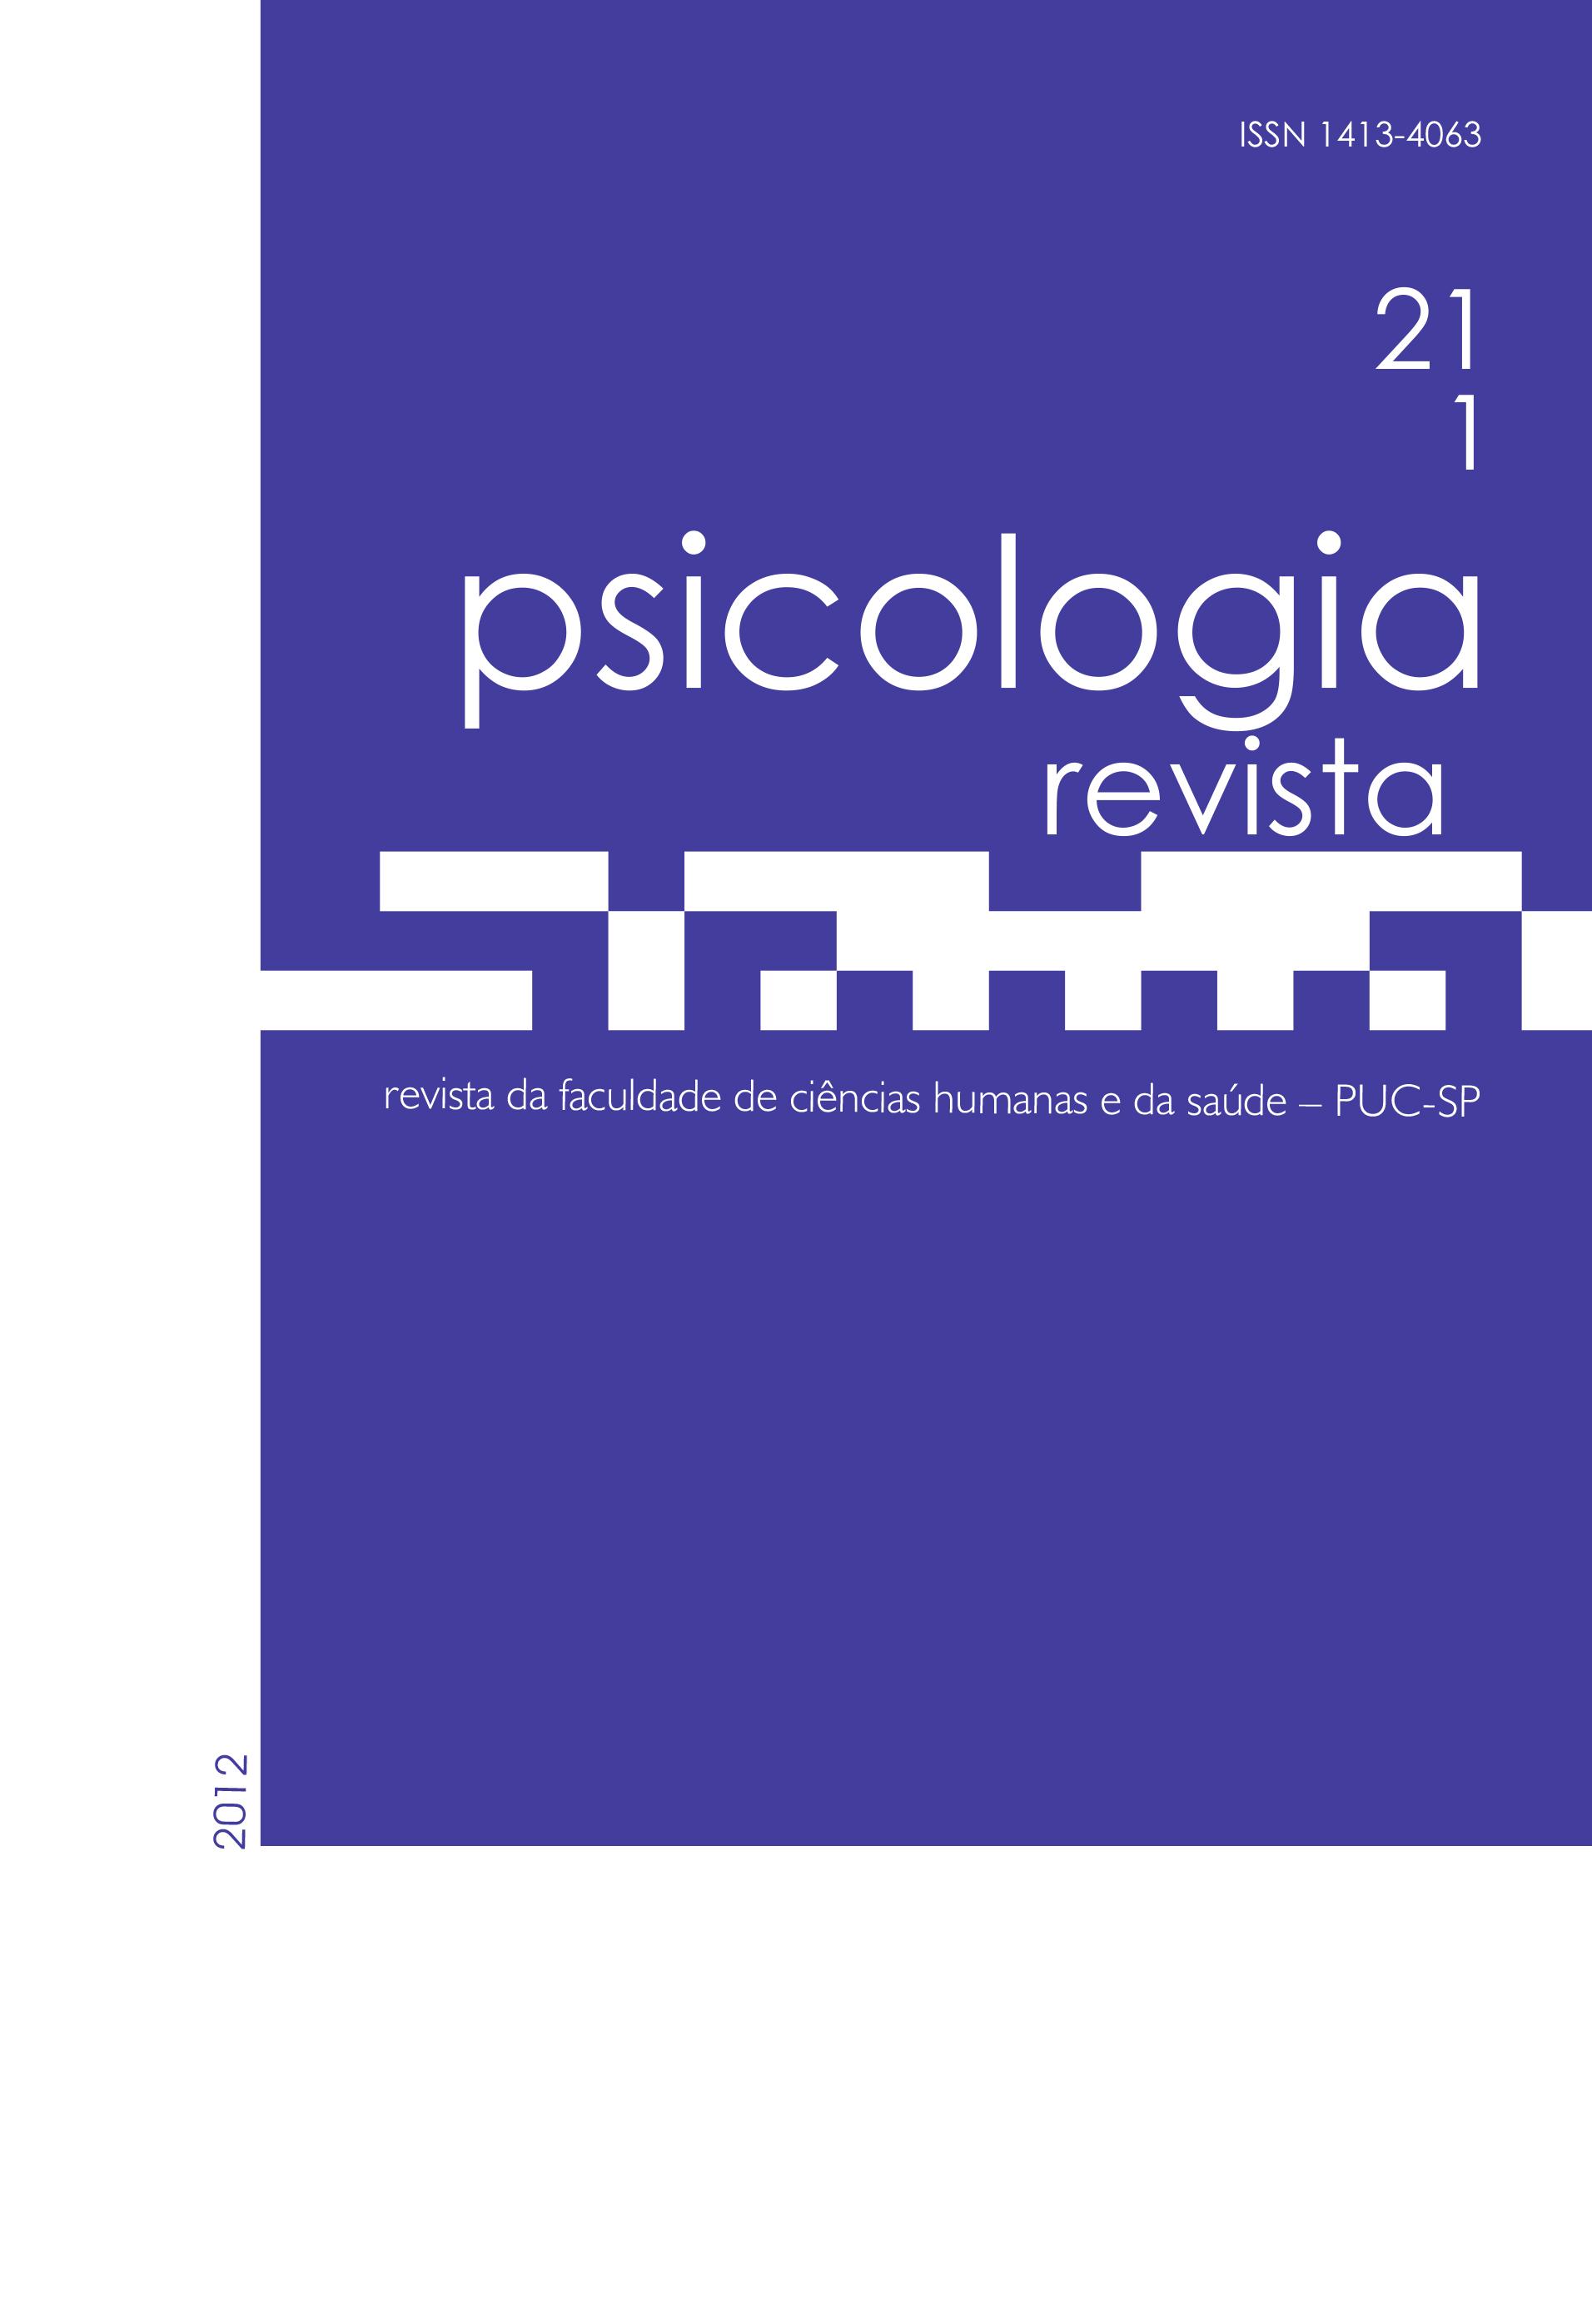 Psicologia Revista 21-1